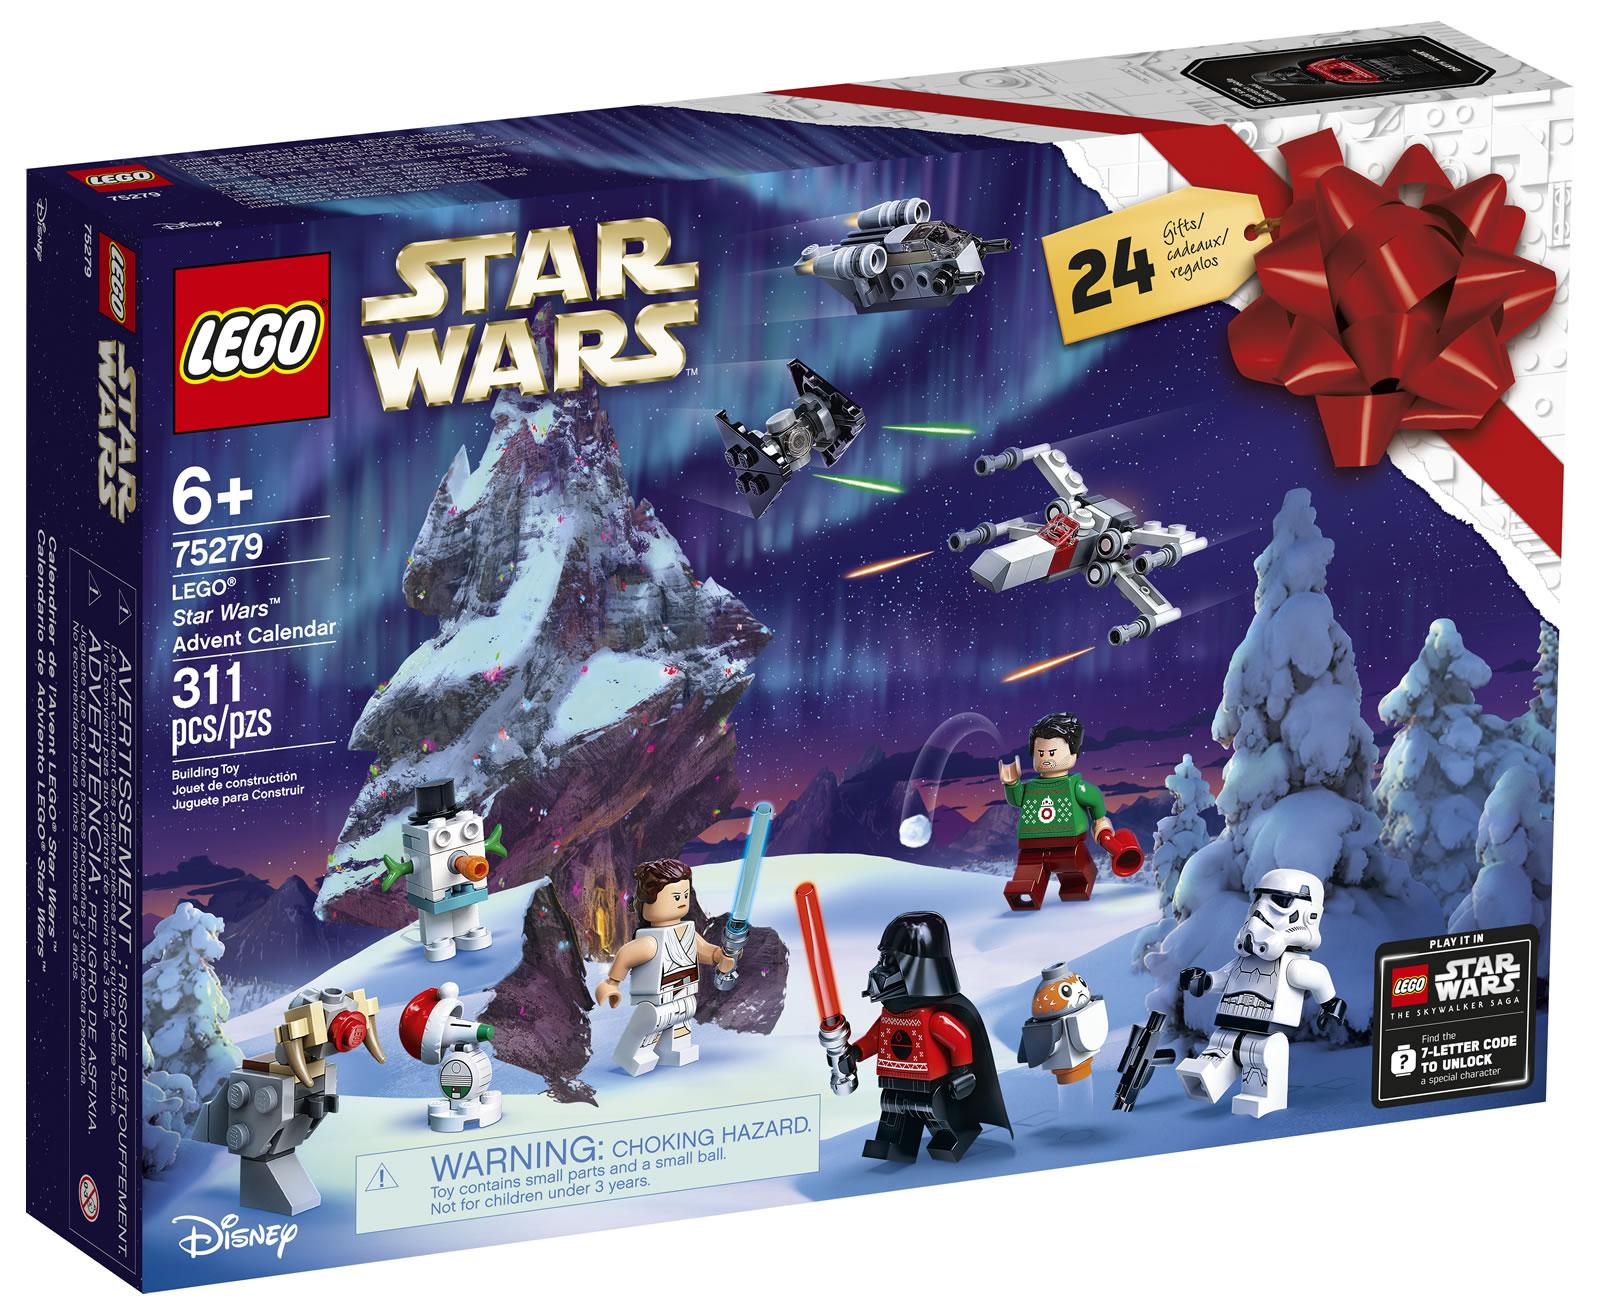 Calendrier De Lavent Lego Star Wars 2021 ▷ Nouveautés LEGO Star Wars du second semestre 2020 : tous les